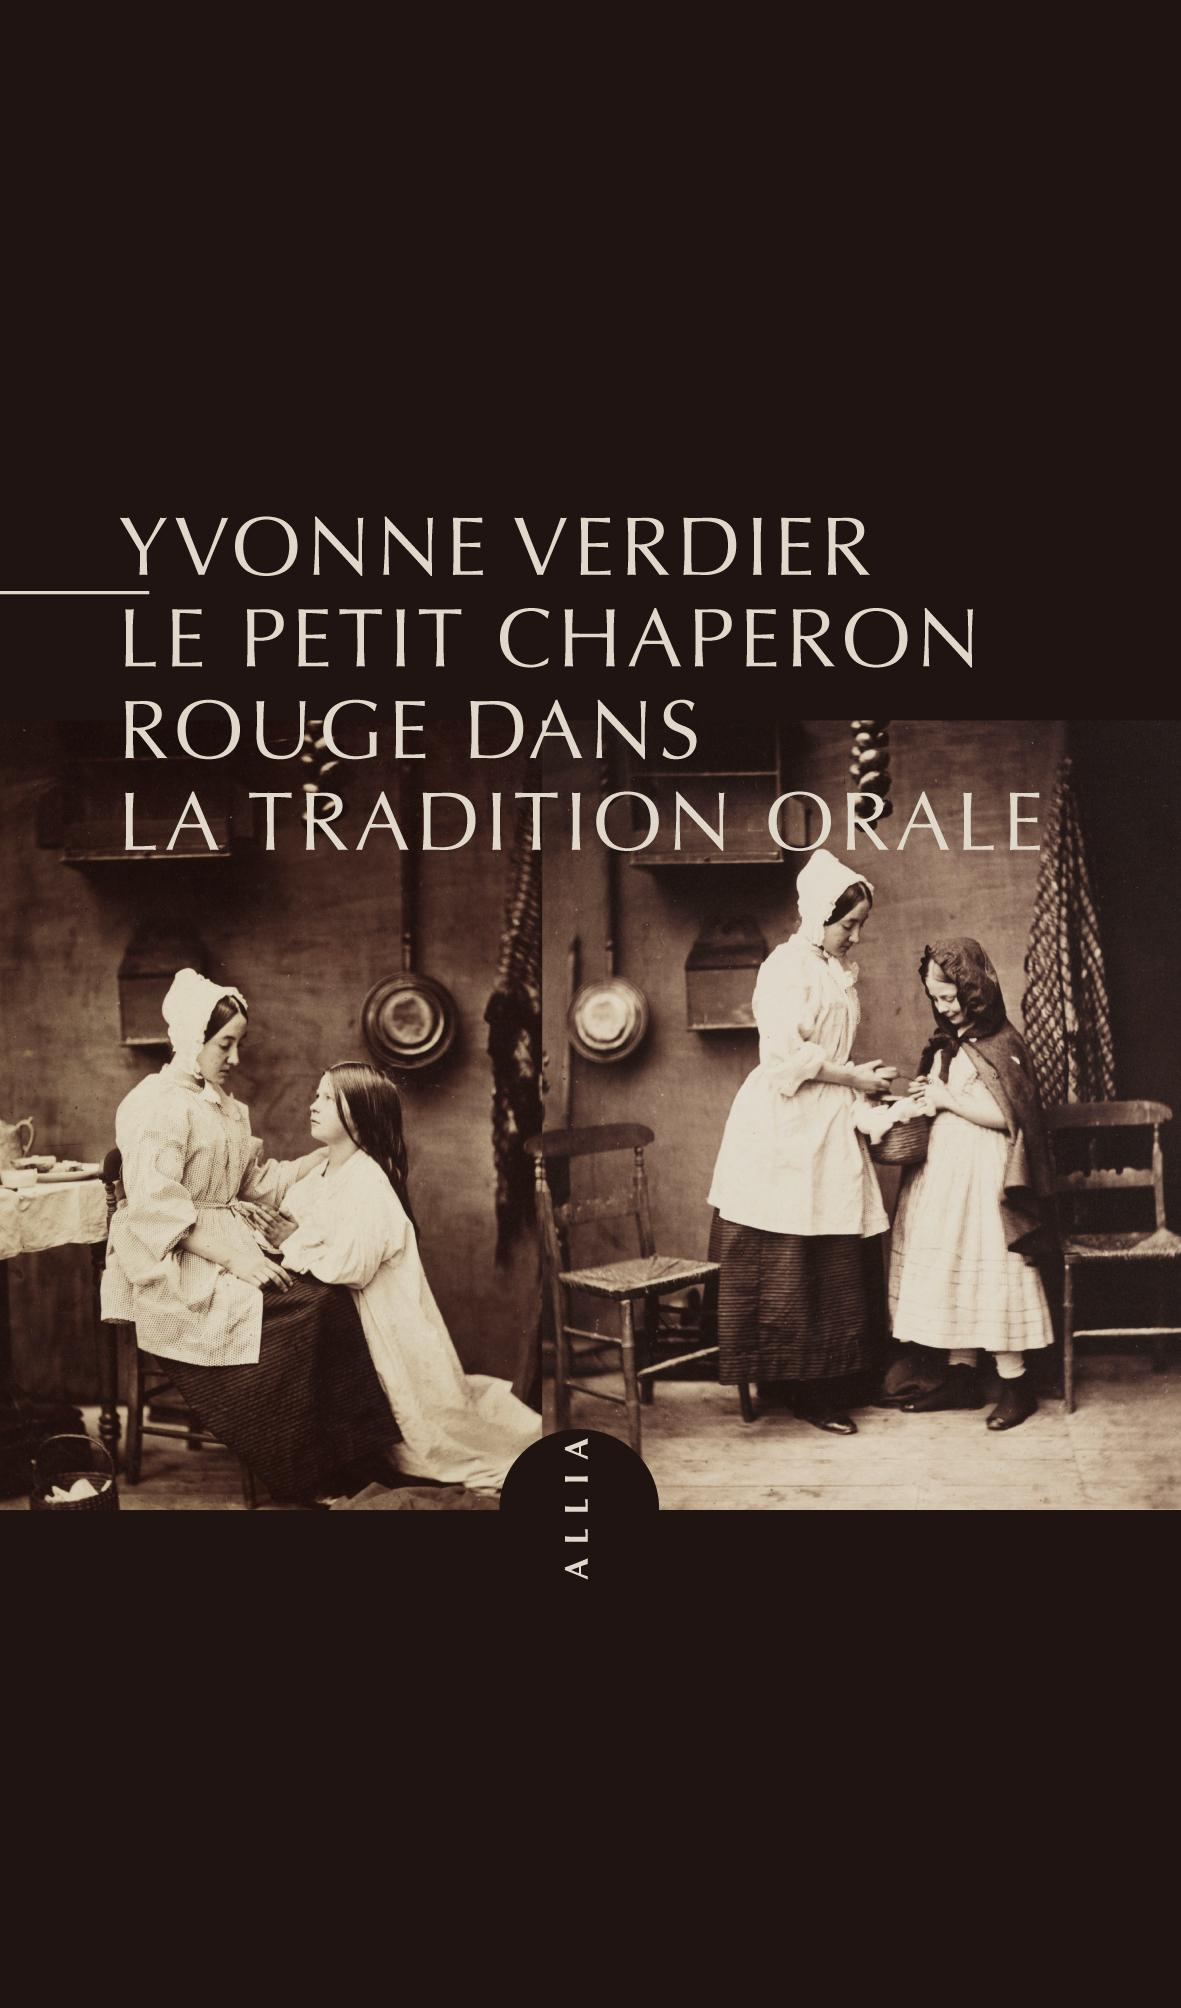 Y. Verdier, Le Petit Chaperon rouge dans la tradition orale